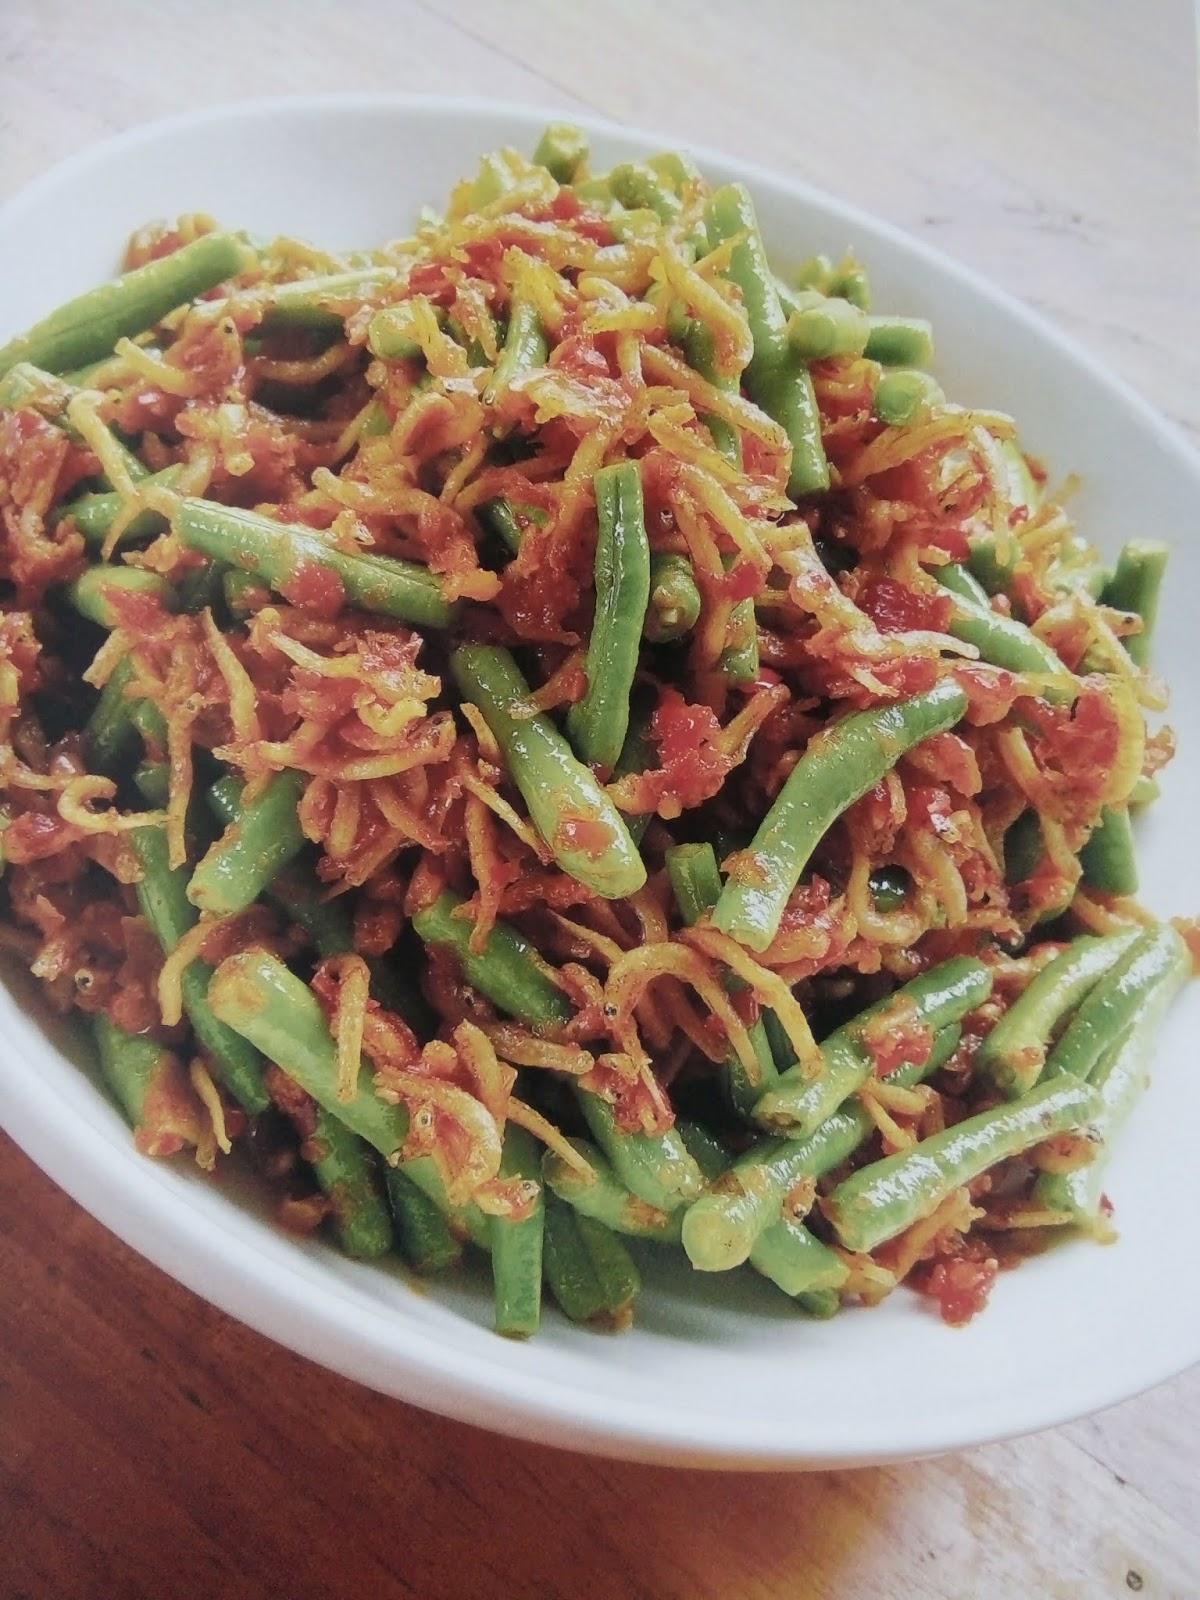 Resep Sambal Teri Kacang Panjang